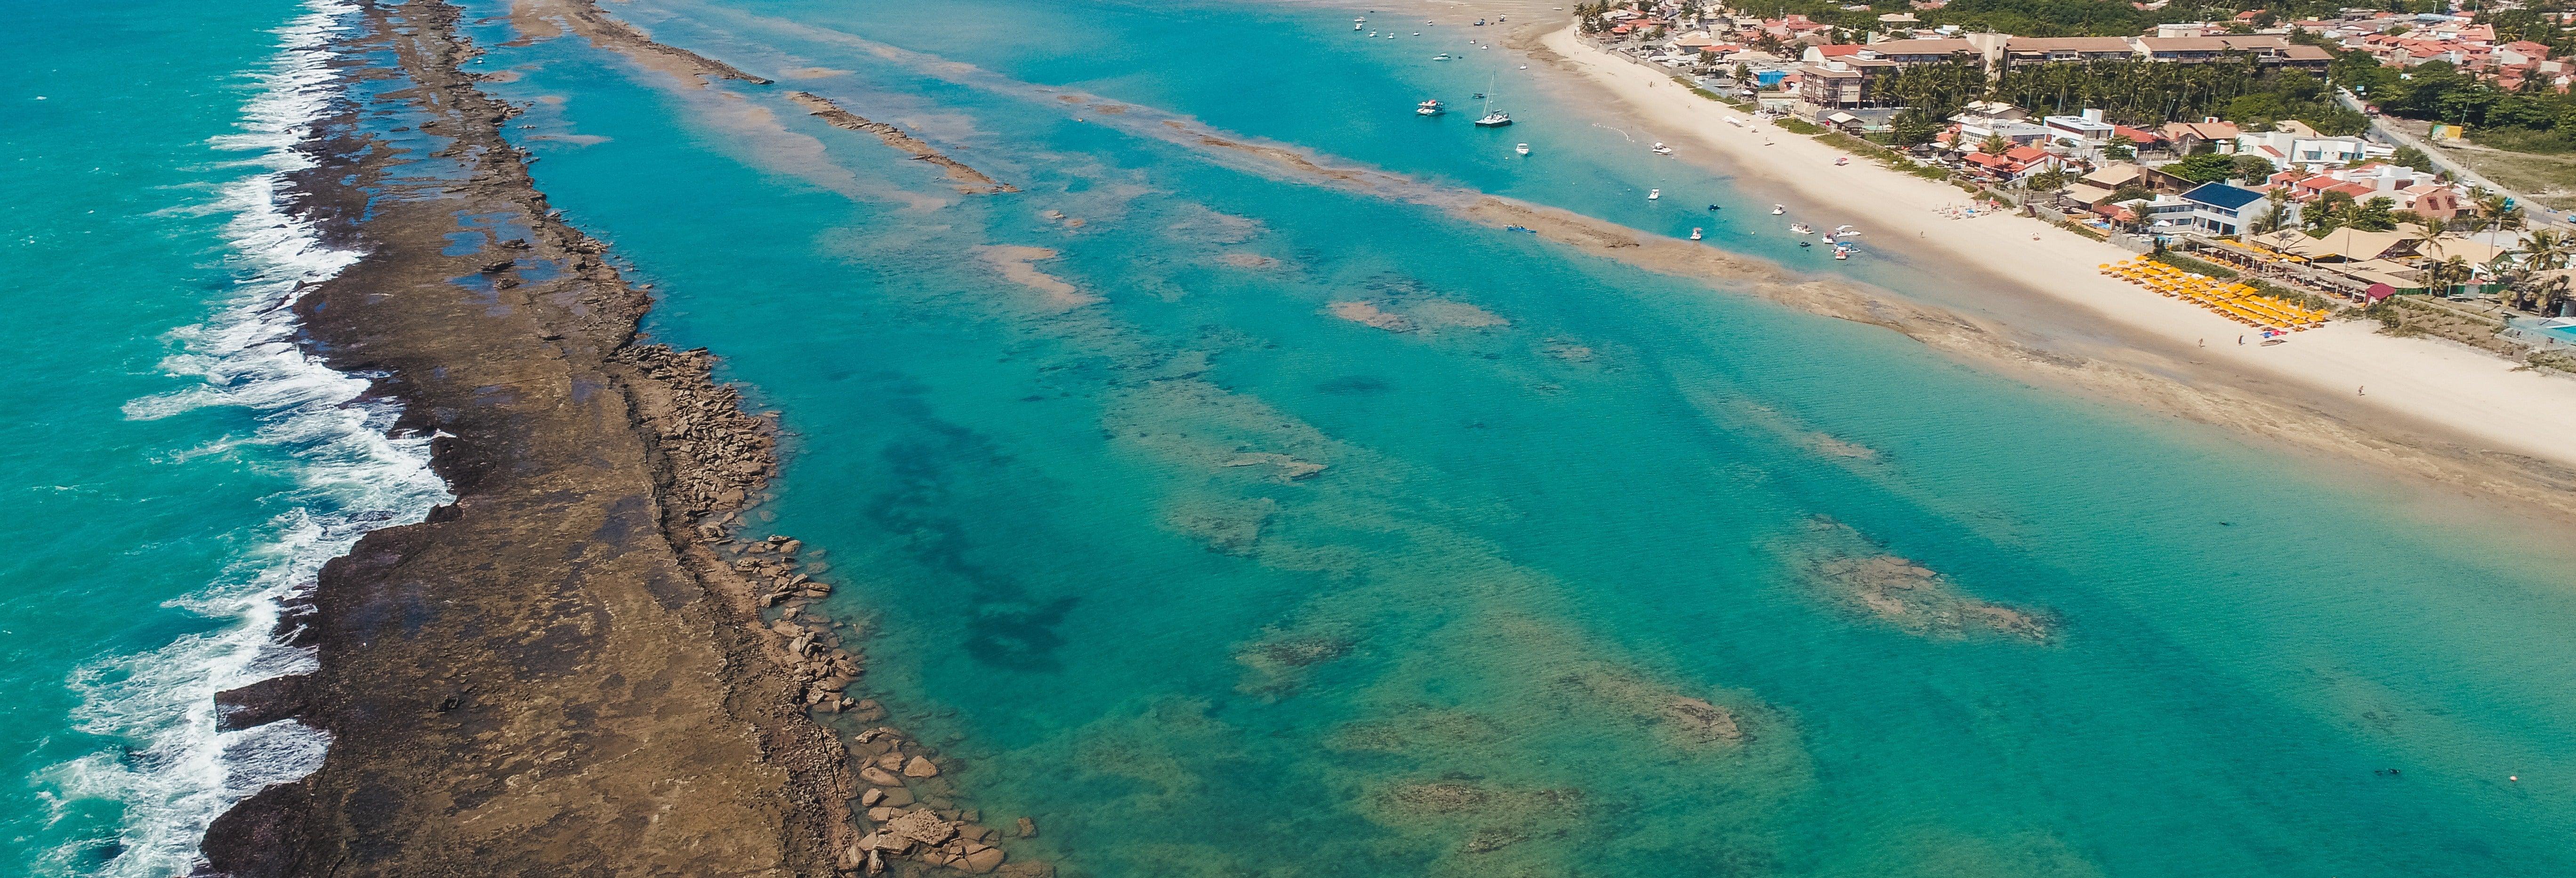 Excursión privada a Barra de San Miguel + Playas del Francés y Gunga